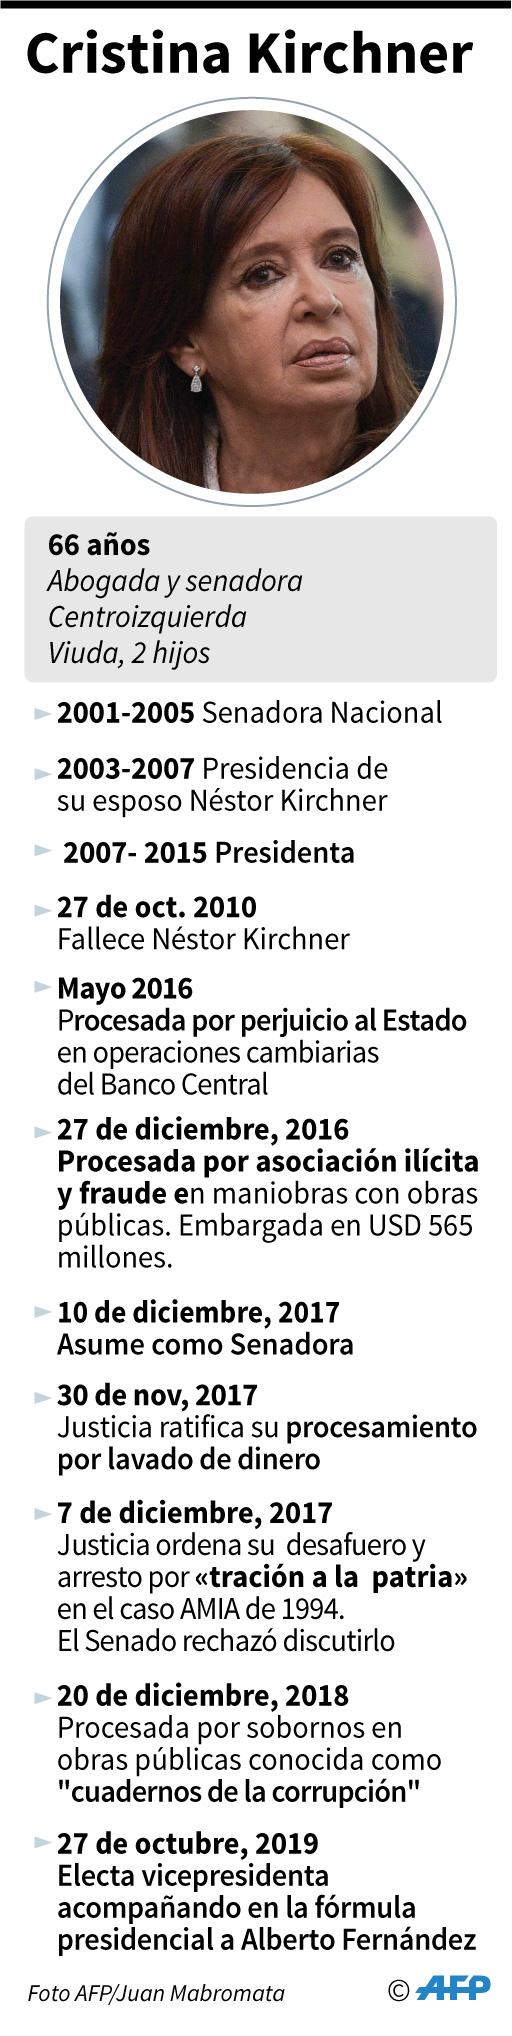 Luego de una serie de acusaciones por presuntos actos de corrupción, Cristina Kirchner será la vicepresidenta de Argentina. Imagen: AFP